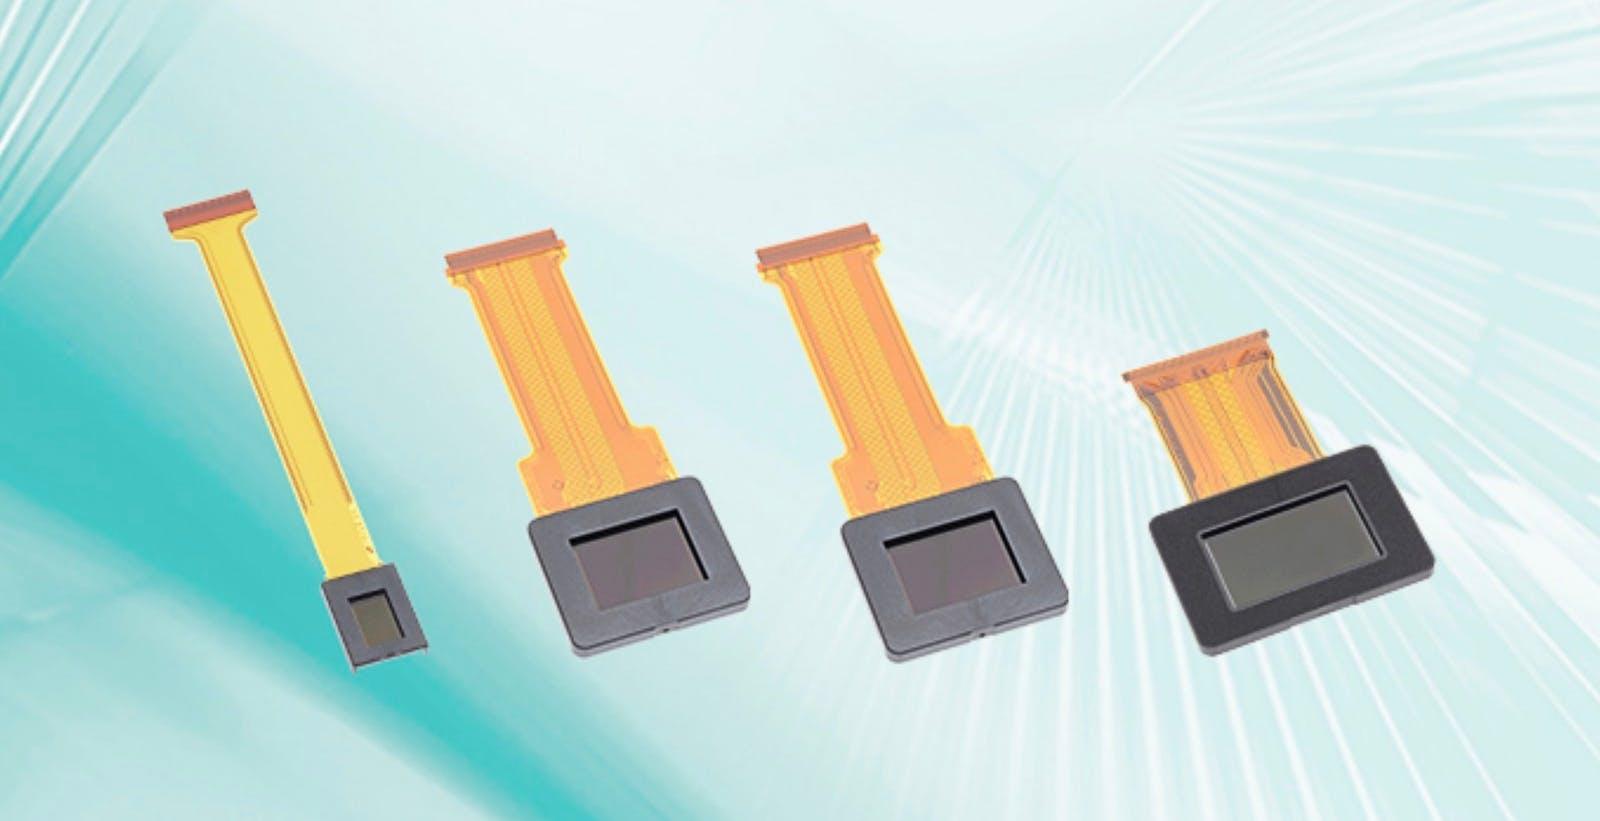 Apple Glass: spuntano maggiori dettagli sui microdisplay OLED di Sony